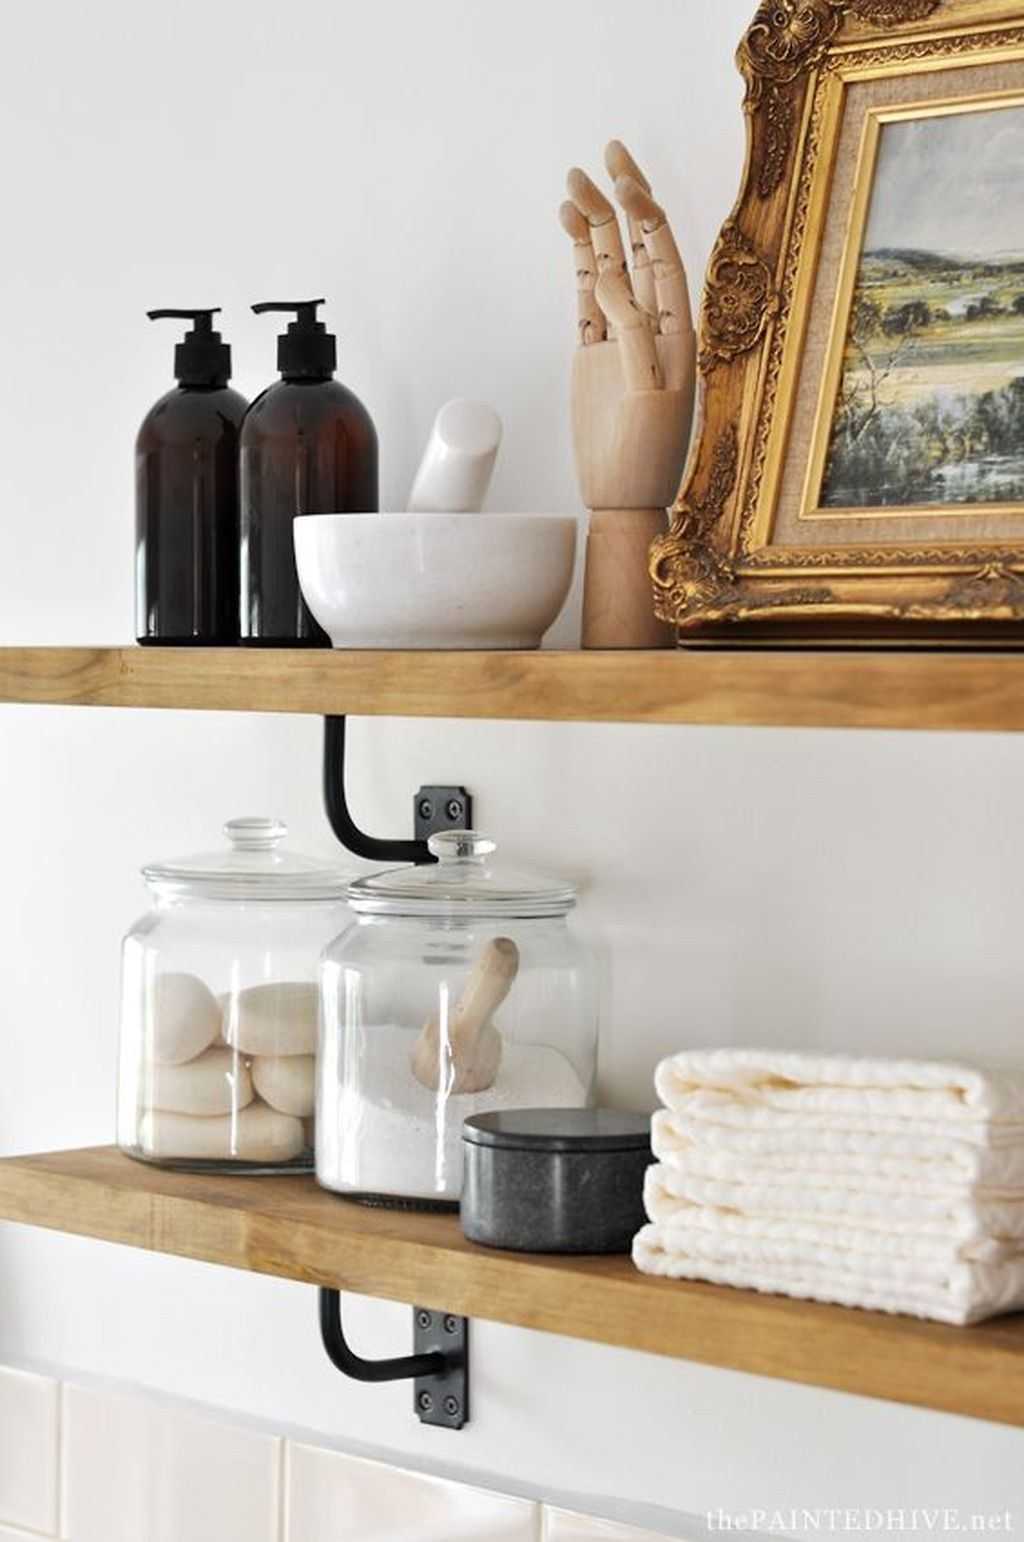 49 Elegant Diy Wall Shelving Ideas Diy shelf brackets